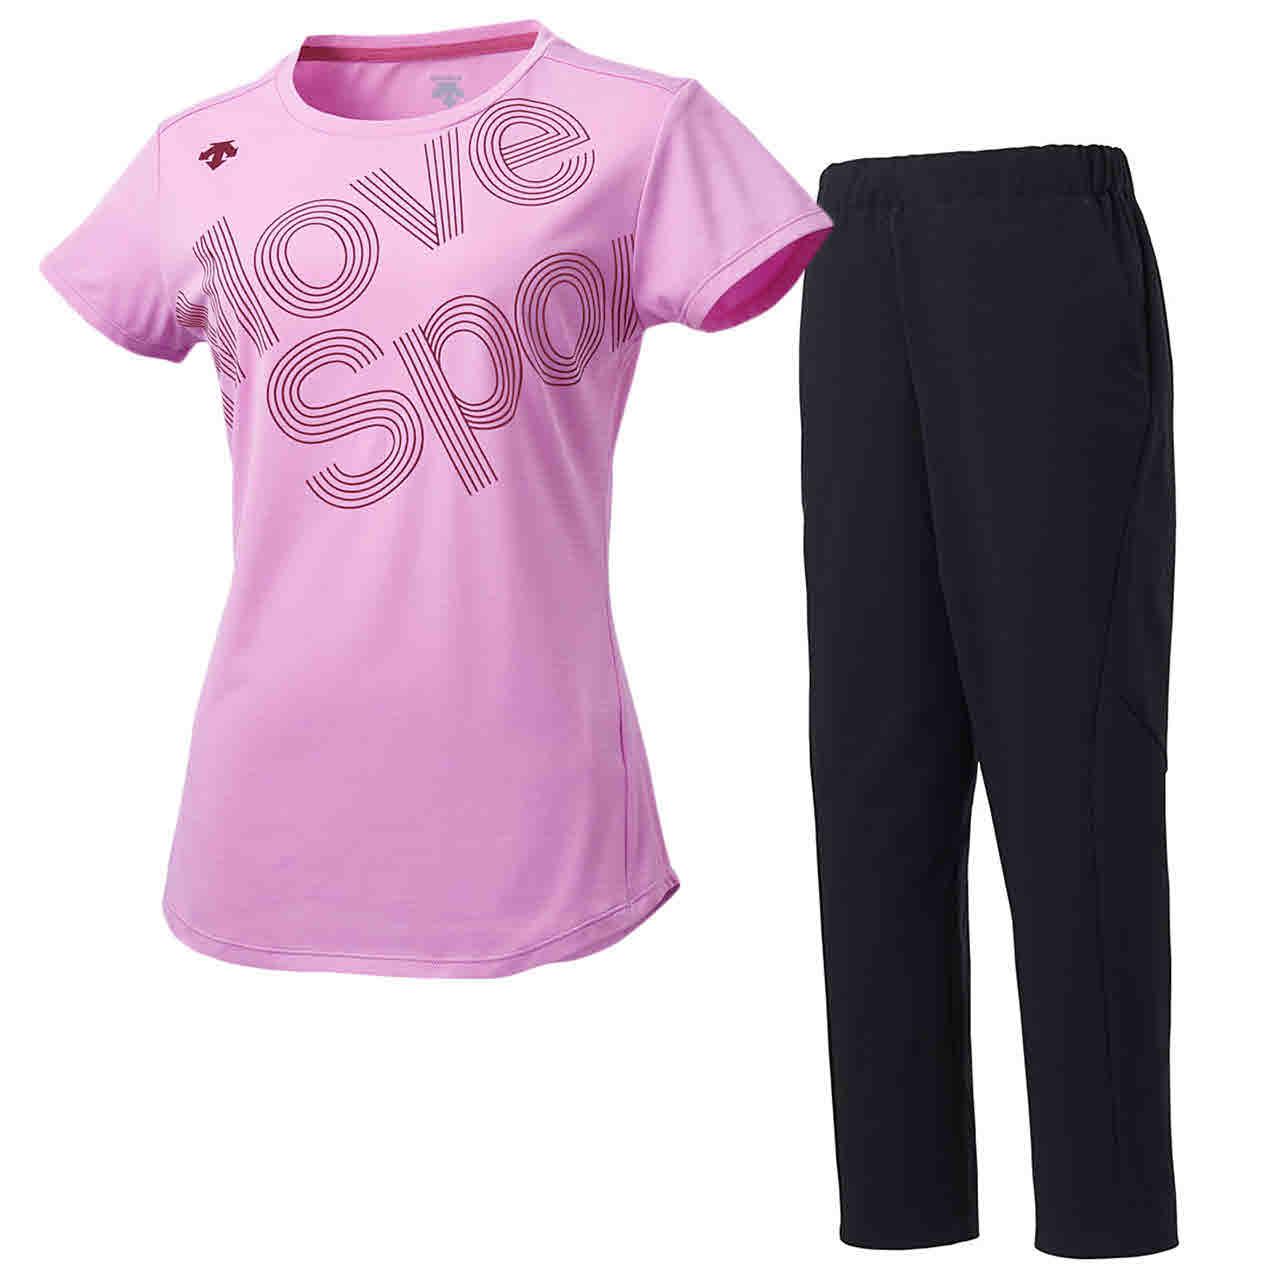 デサント DESCENTE レディース サンスクリーン 半袖Tシャツ&ロングパンツ上下セット ピンク×ブラック